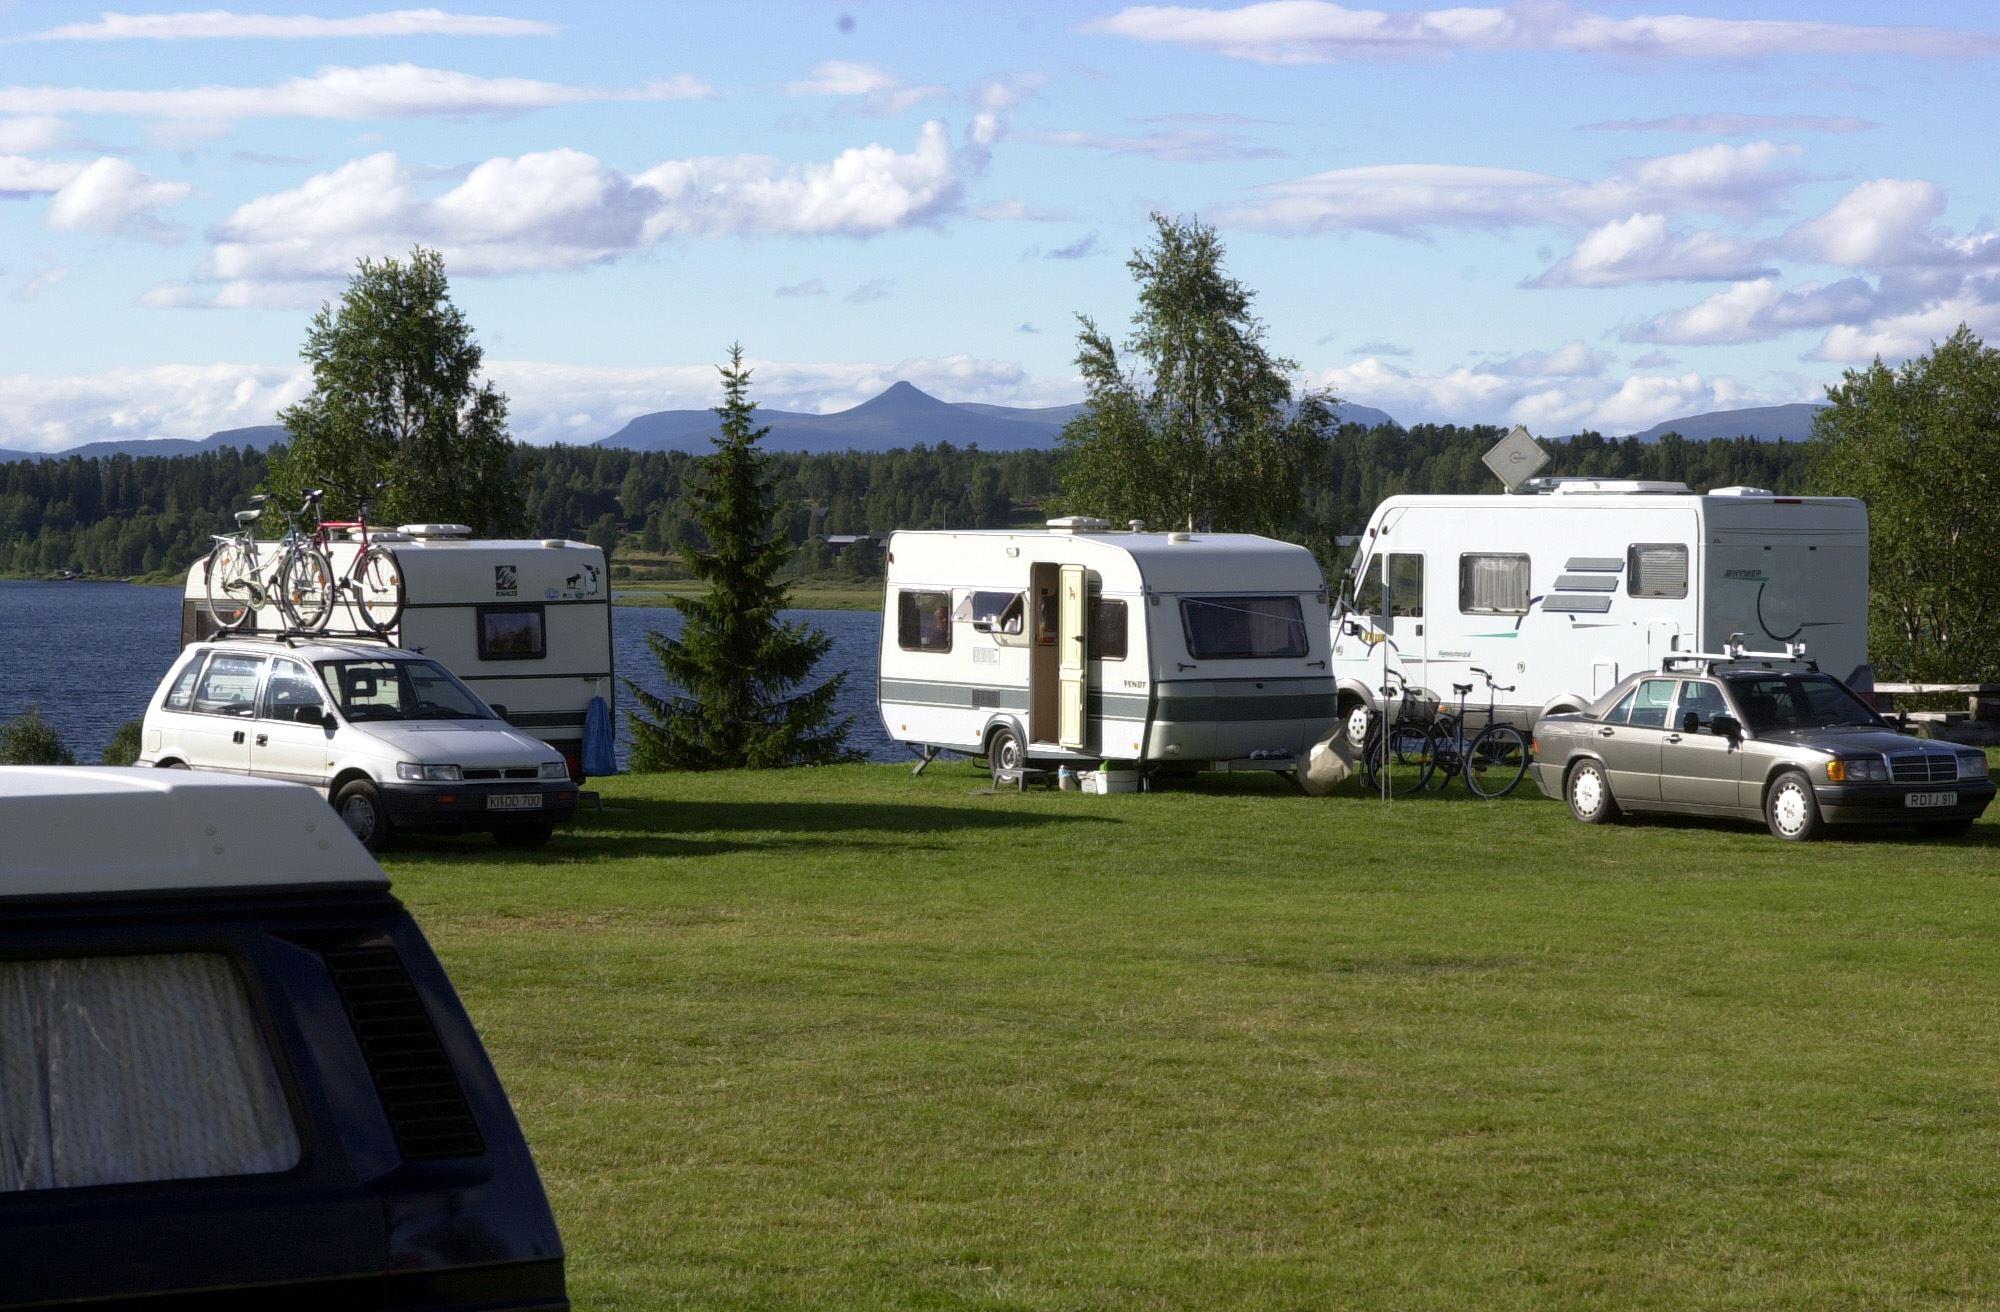 Särna Camping Stugor